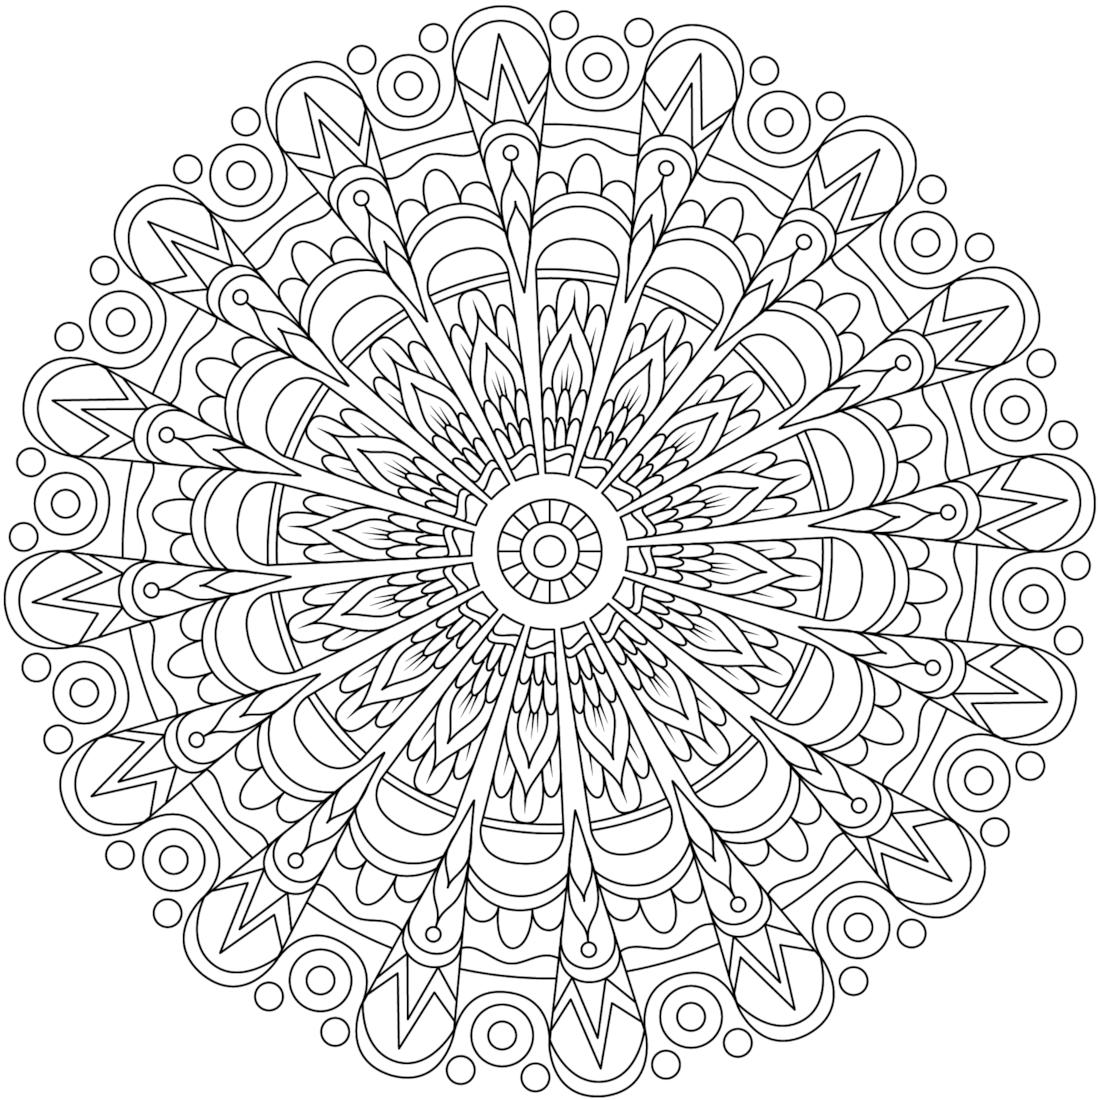 Pin de Lybby Castro en Mandalas | Pinterest | Mandalas, Colorear y ...